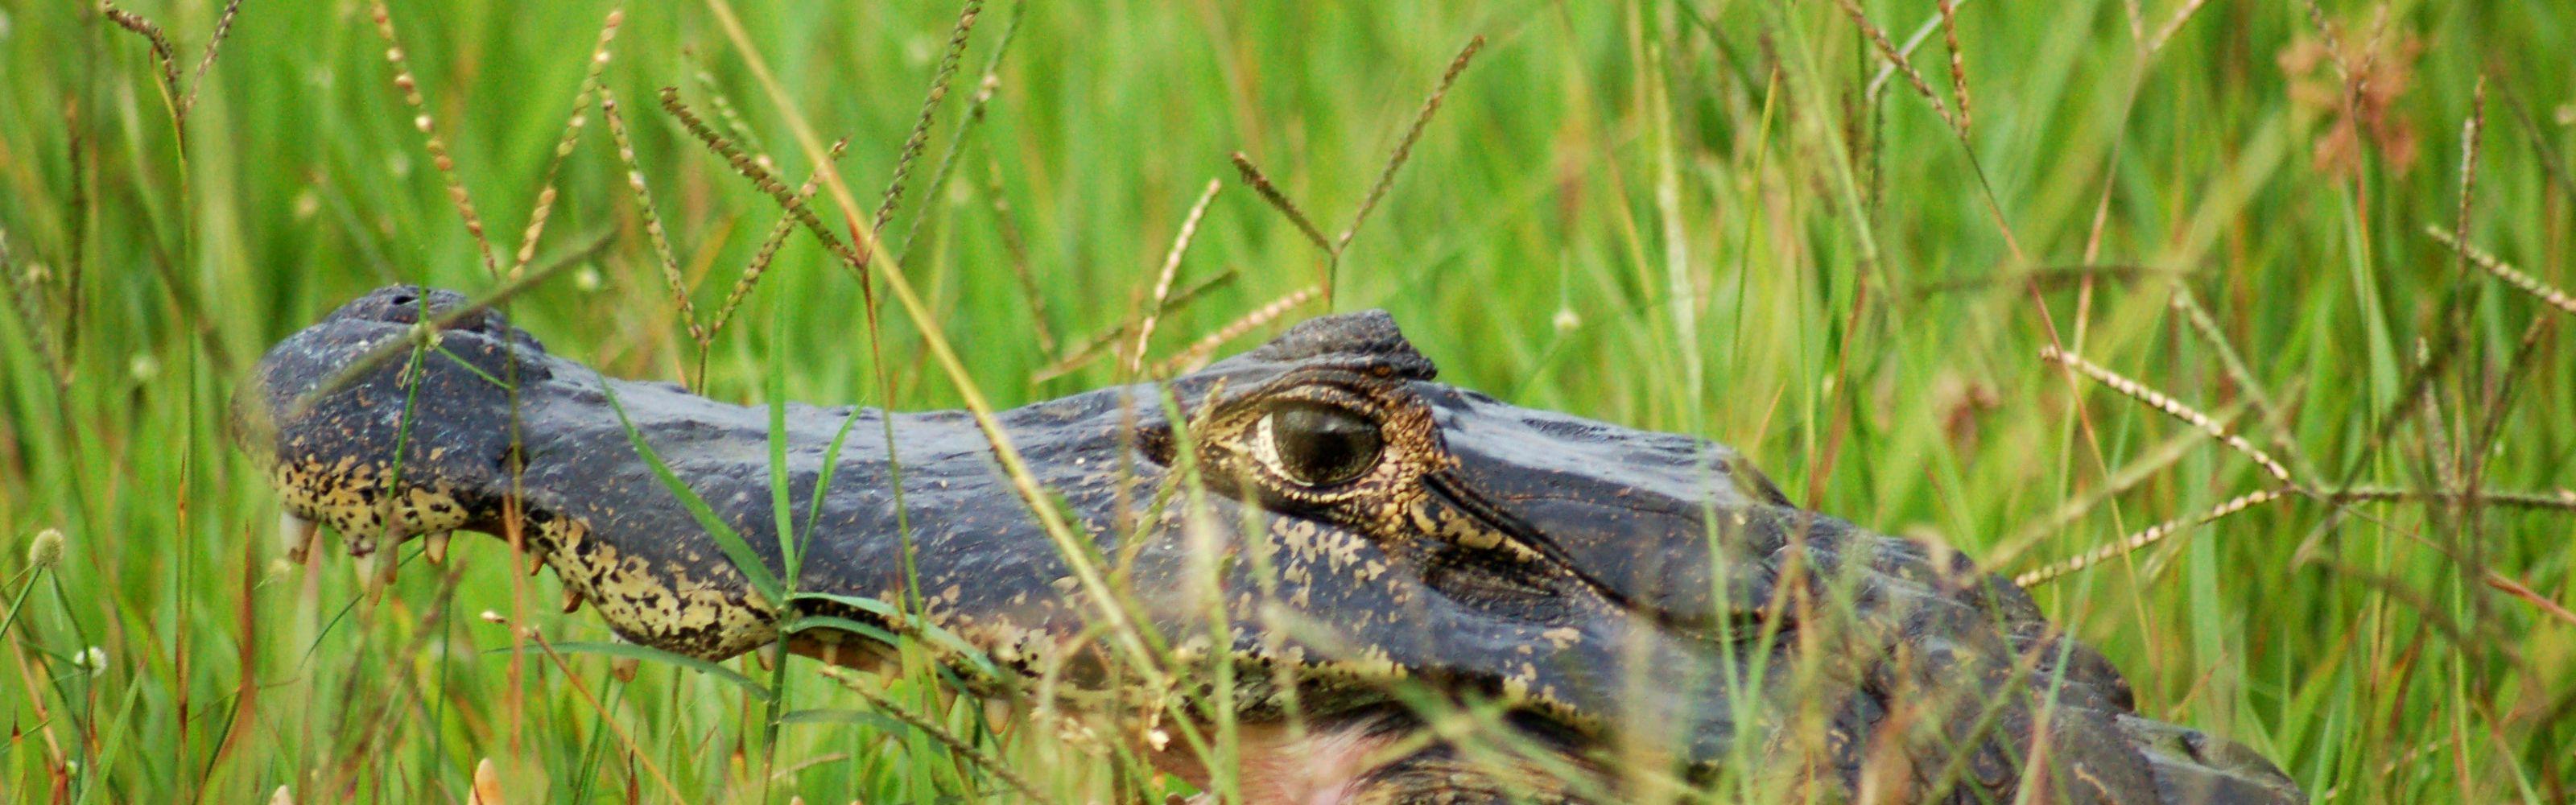 Bem escondido nas altas gramíneas do pantanal da região brasileira do Pantanal, o caimão (Caiman crocodilus).